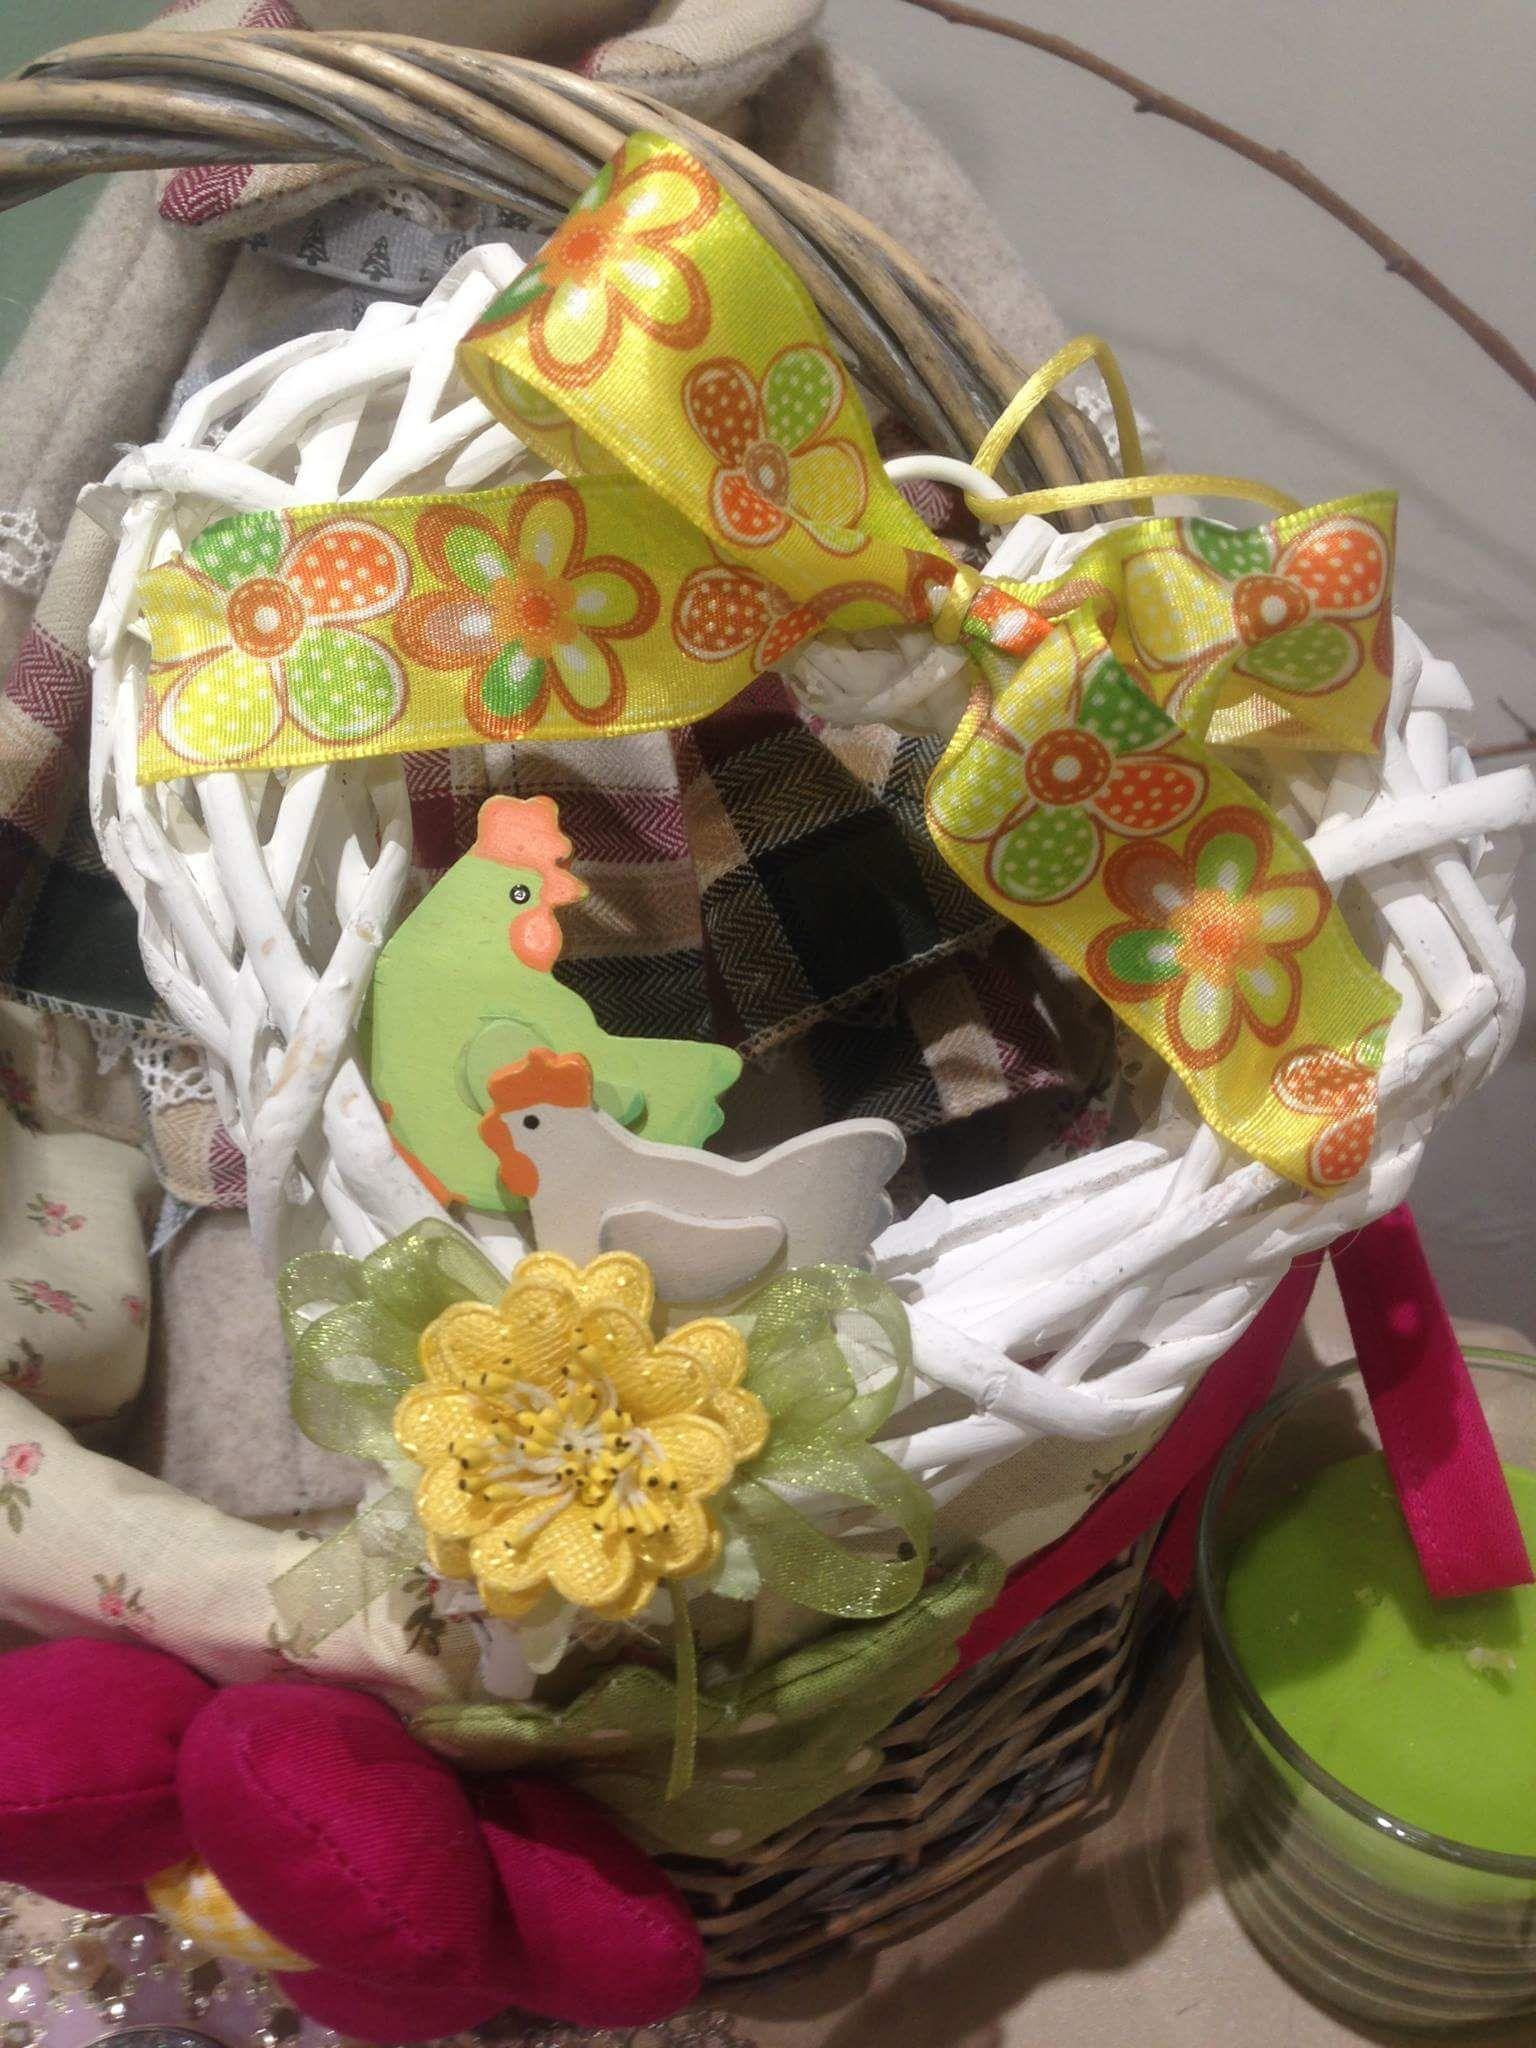 Creazioni di Pasqua con pochissimi materiali: veloci ed economici!